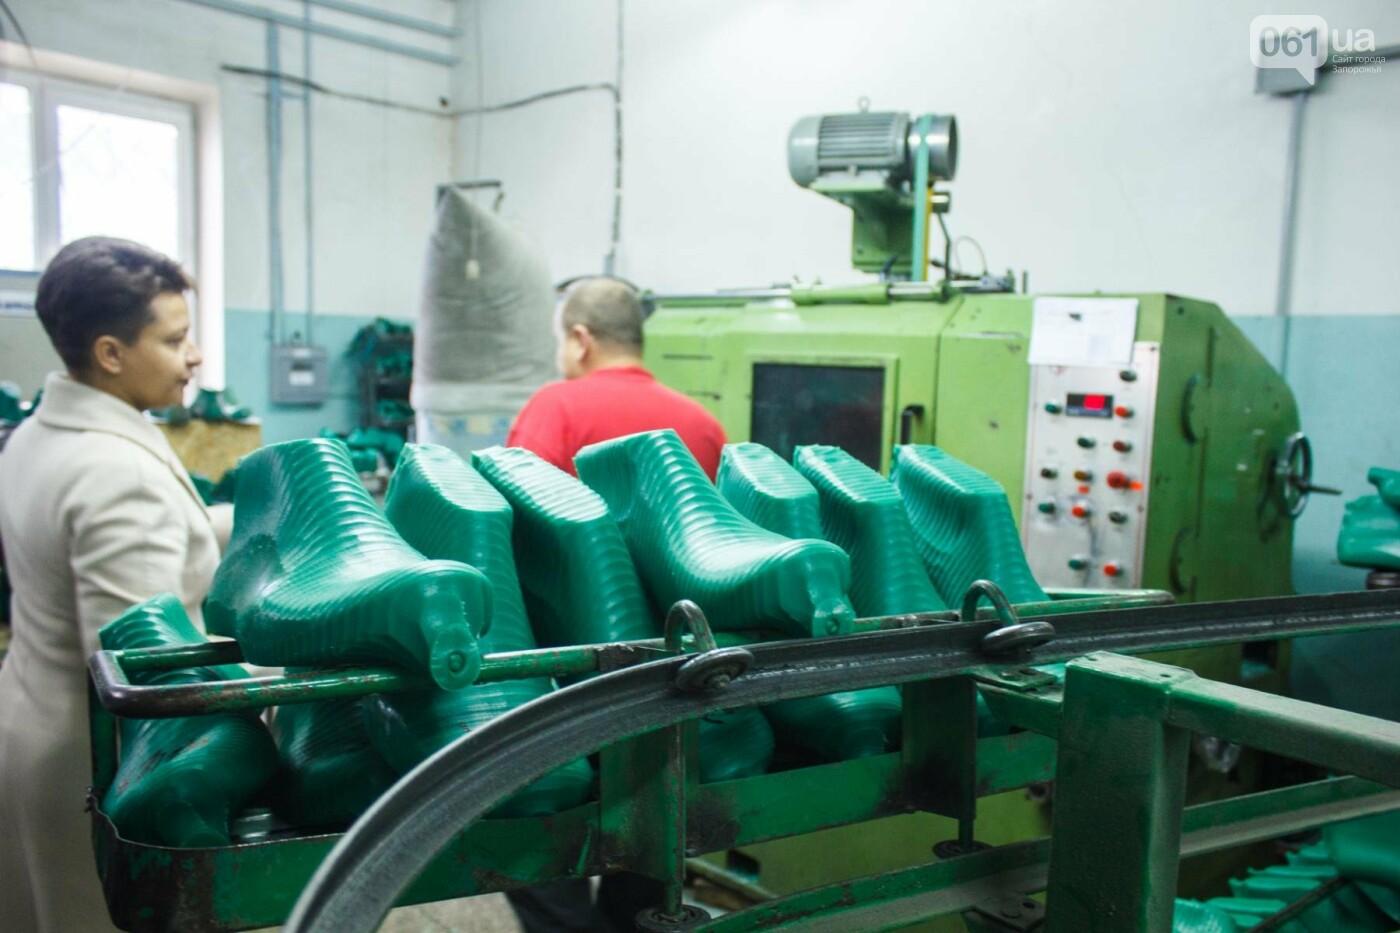 Как создается обувь: экскурсия на запорожскую обувную фабрику, – ФОТОРЕПОРТАЖ, фото-9